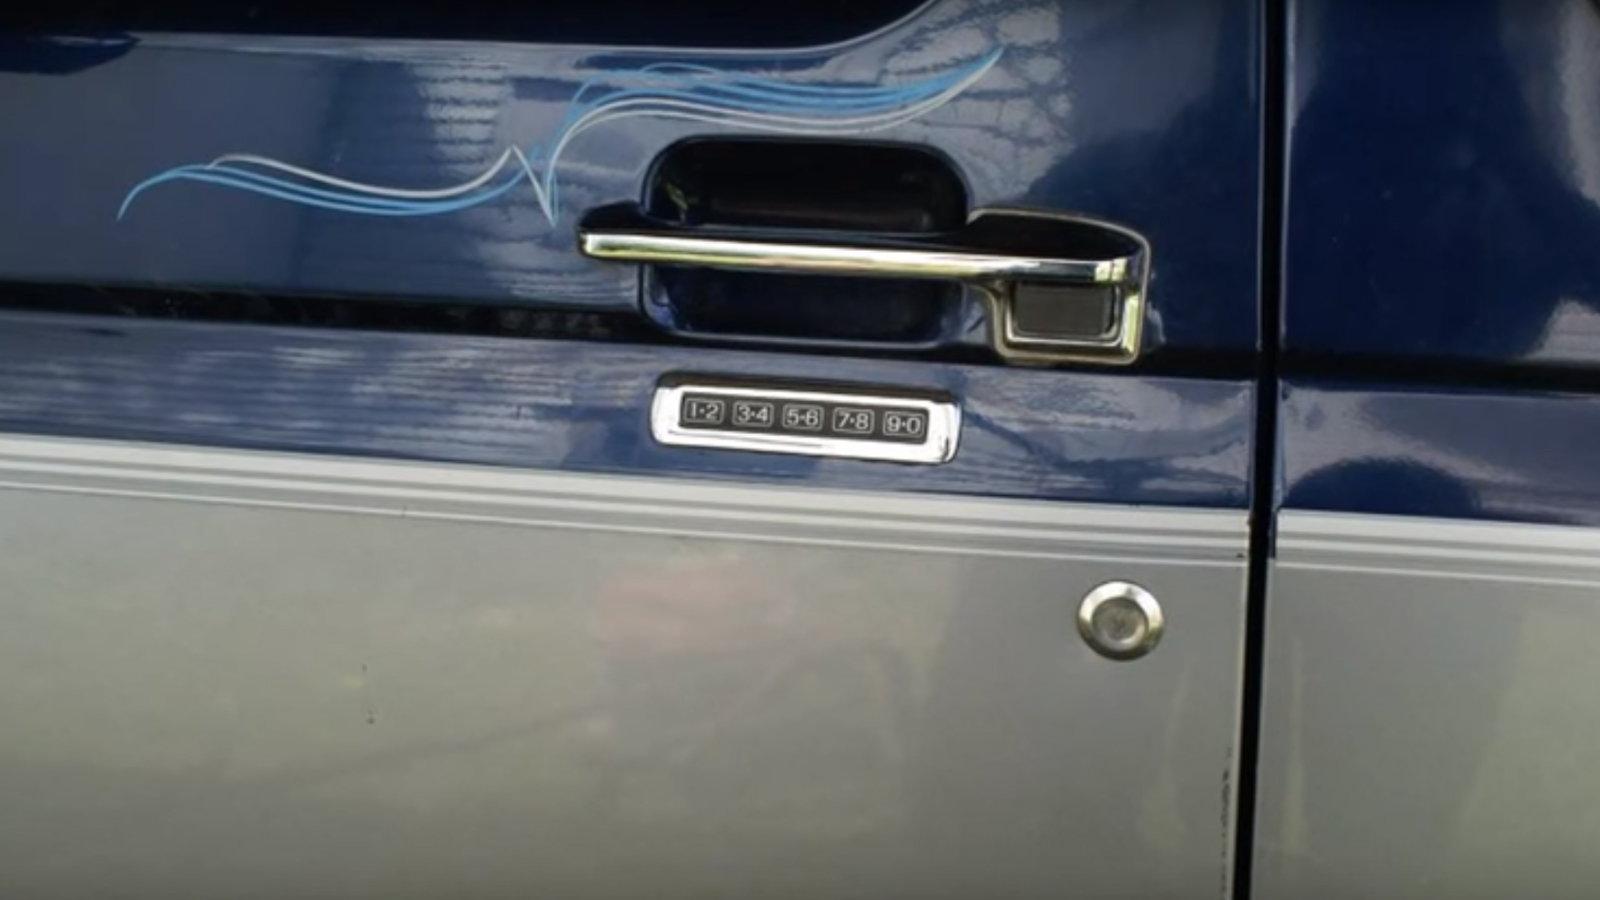 DIY: How to Reprogram Your Door Keypad Code